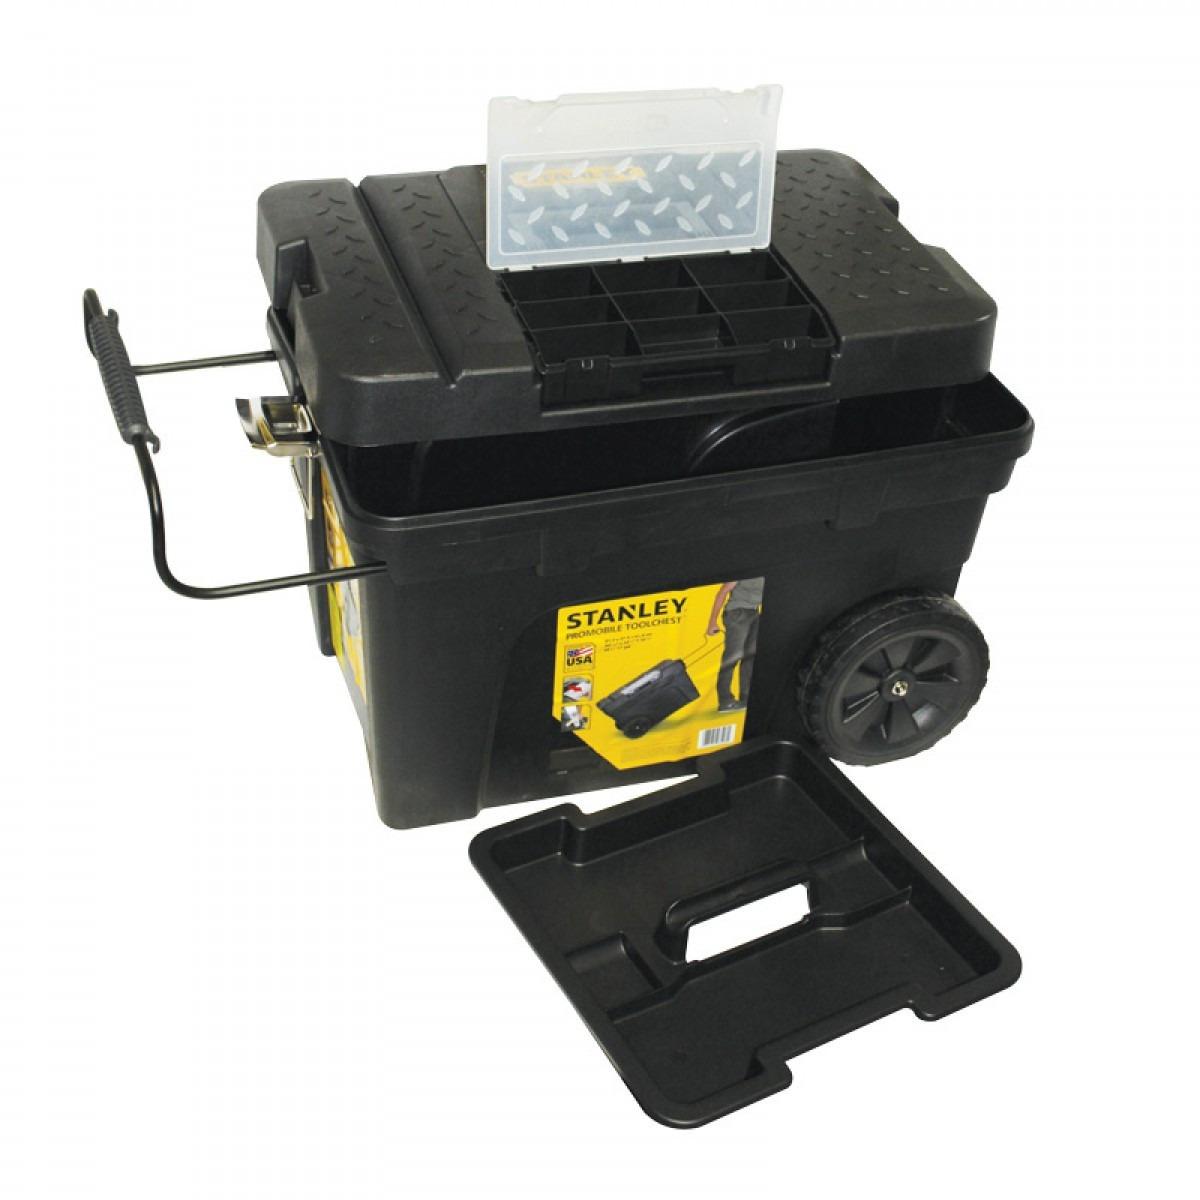 Caja para herramientas con ruedas 033026r stanley 680 - Caja herramientas con ruedas ...